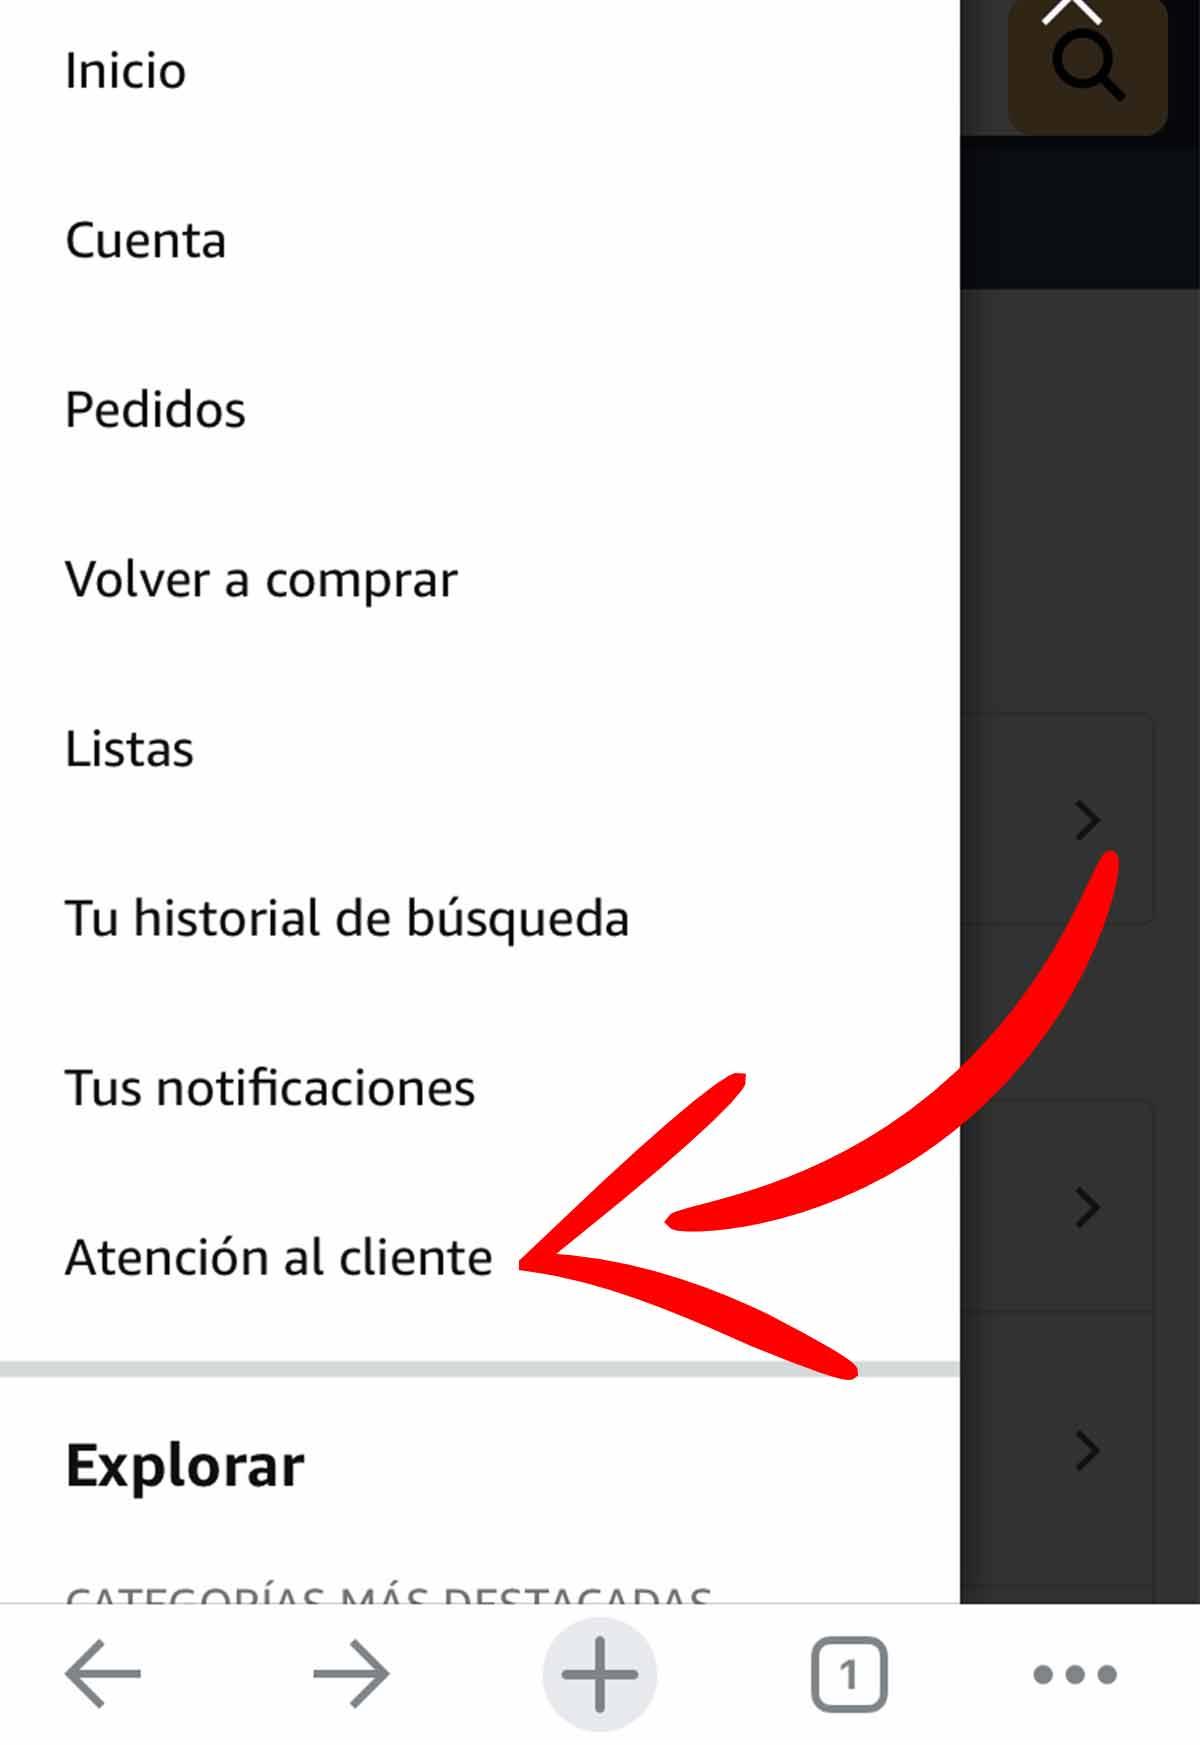 Acceso al servicio de atención al cliente de Amazon en el móvil